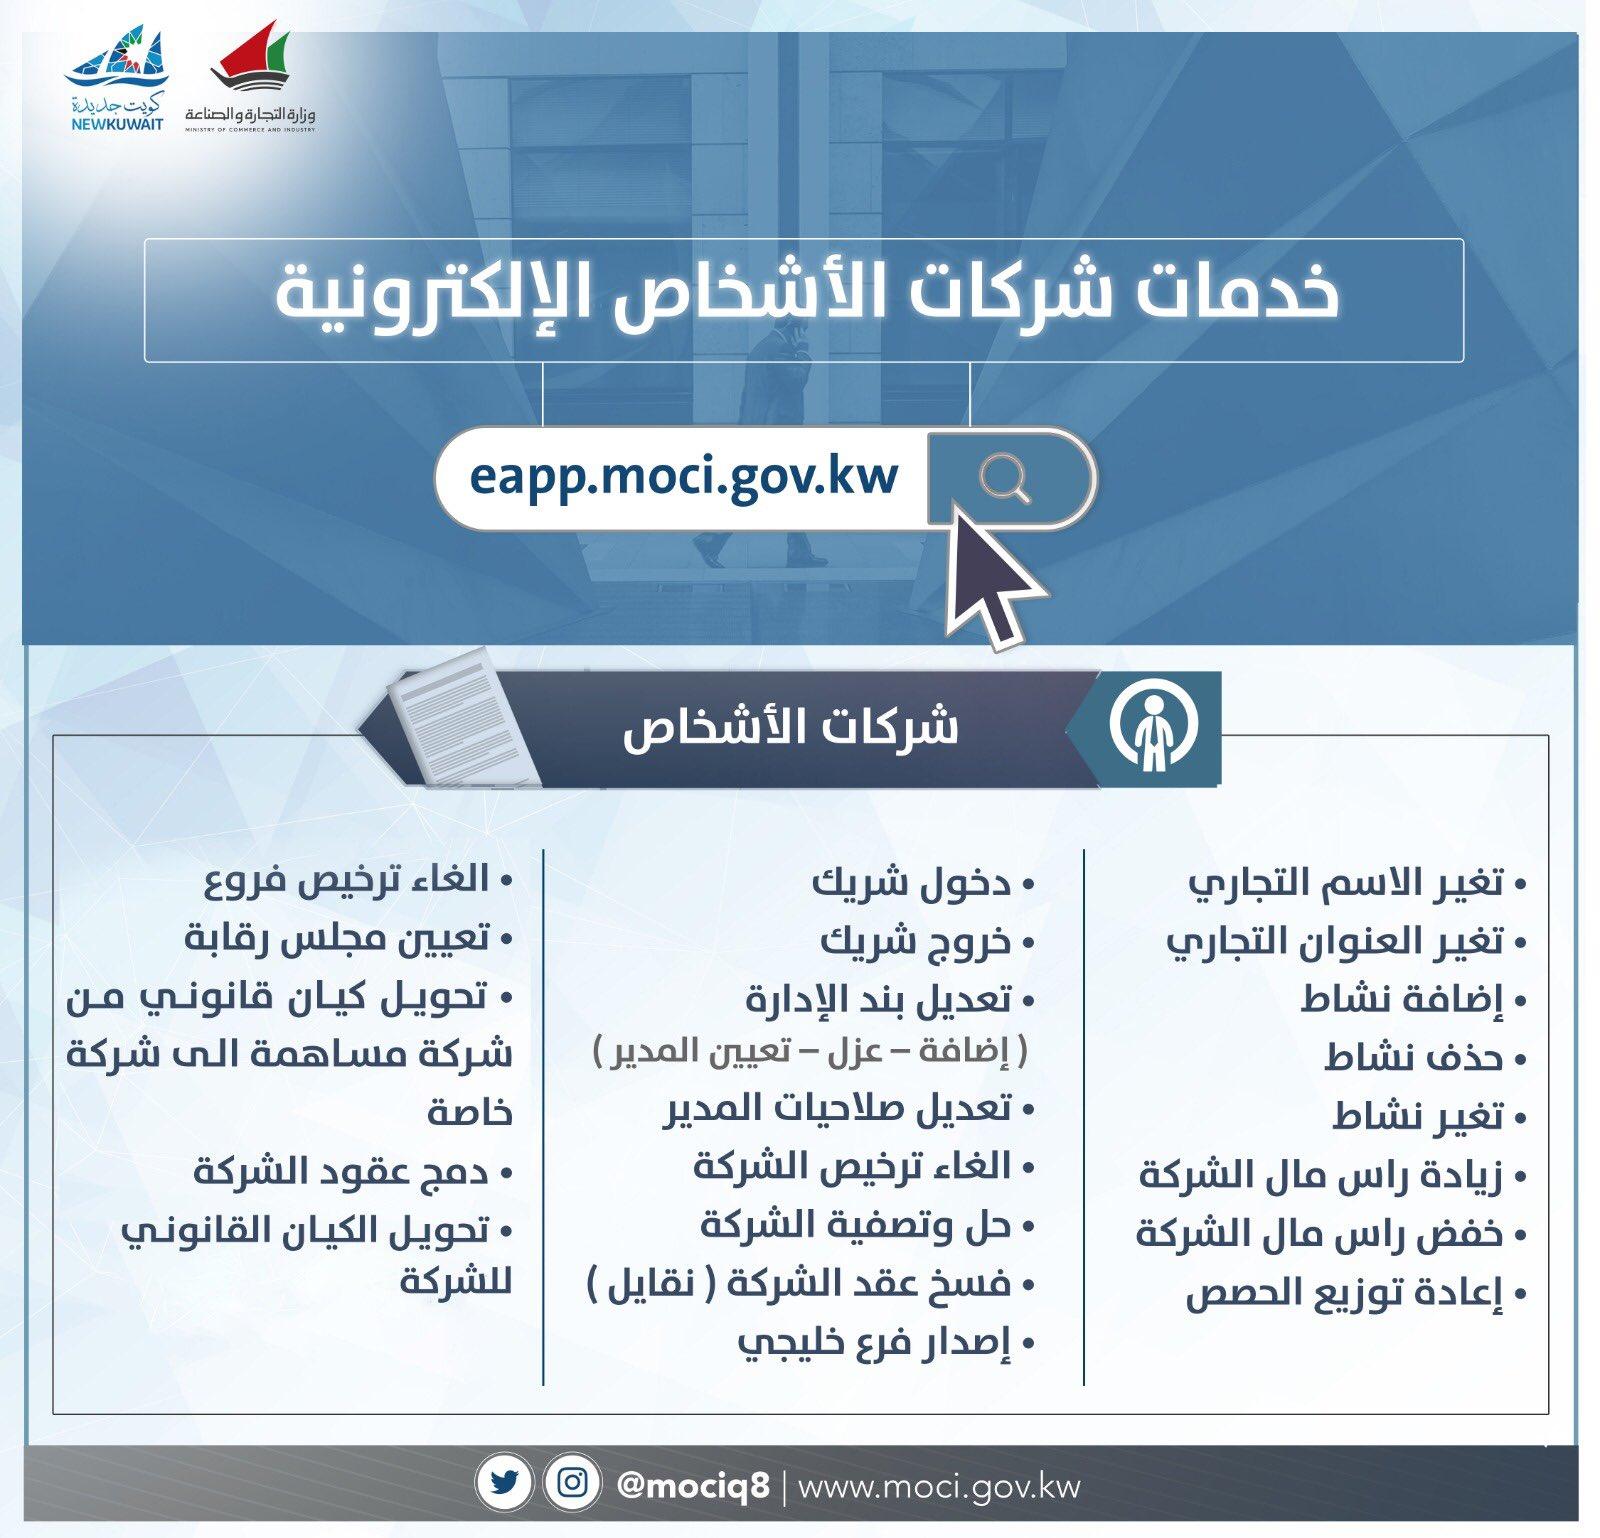 التجارة الفرع الالكتروني وزارة